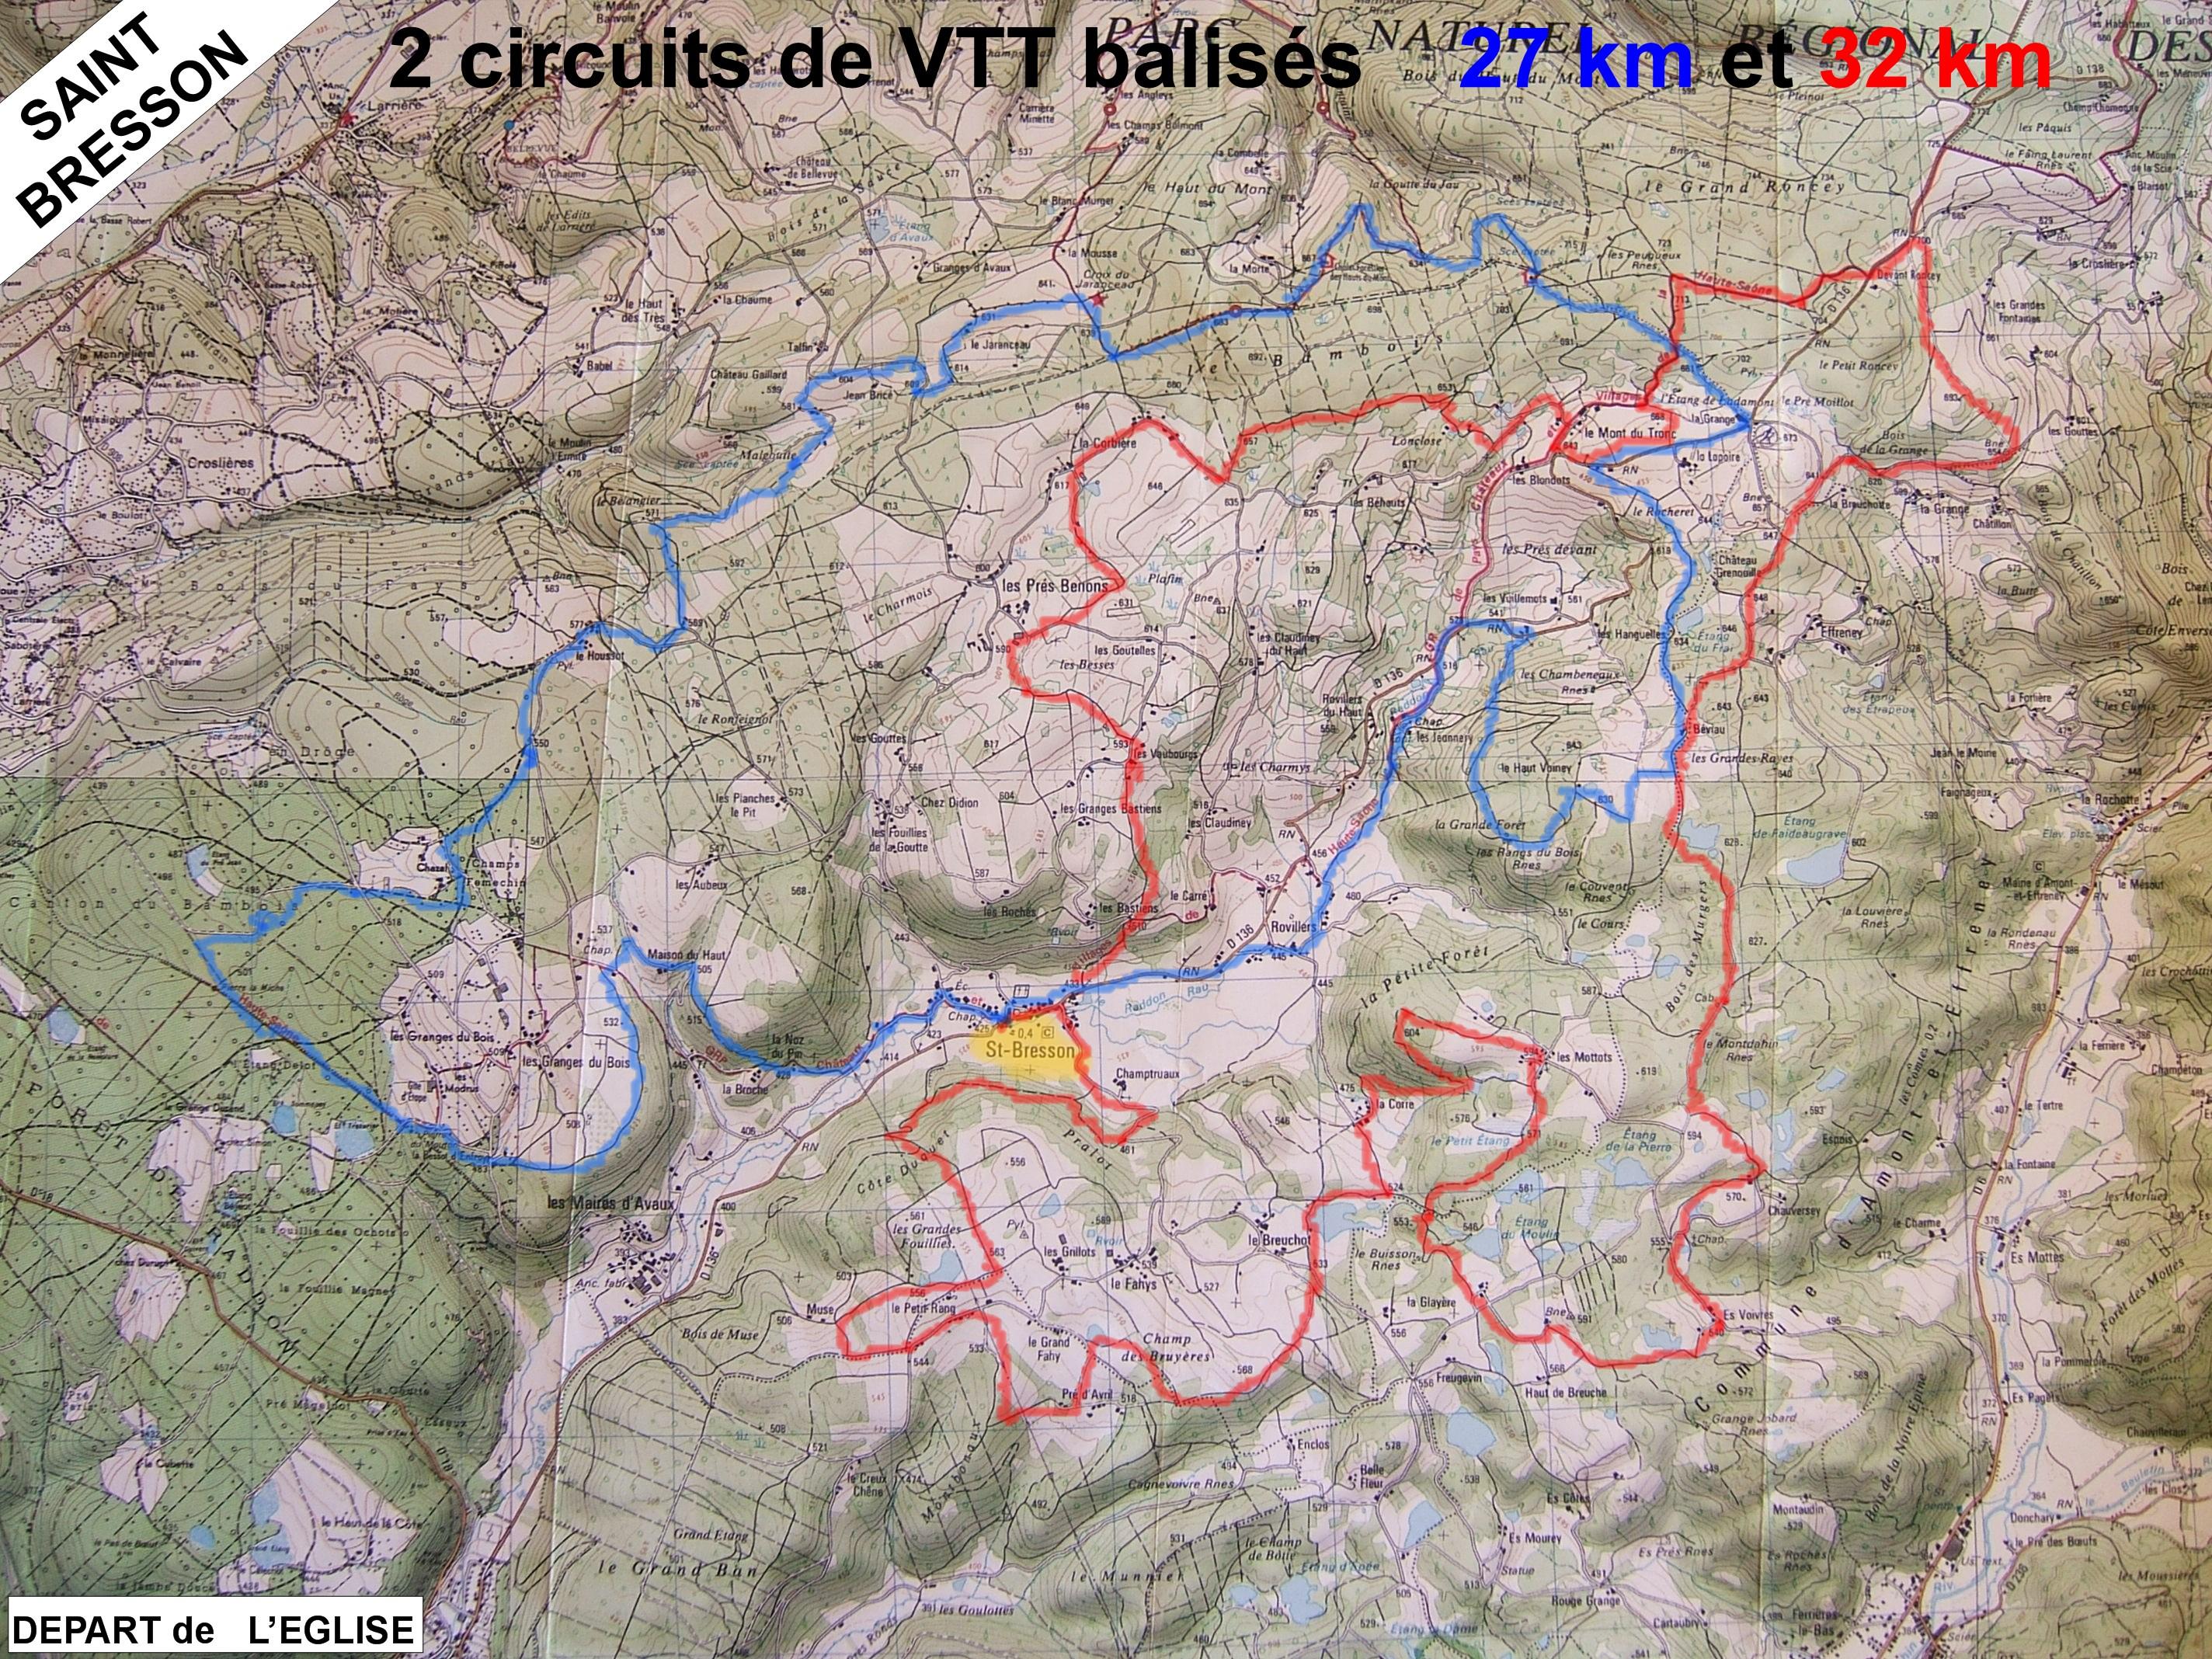 circuits VTT autour de St-Bresson (vosges saonoises)